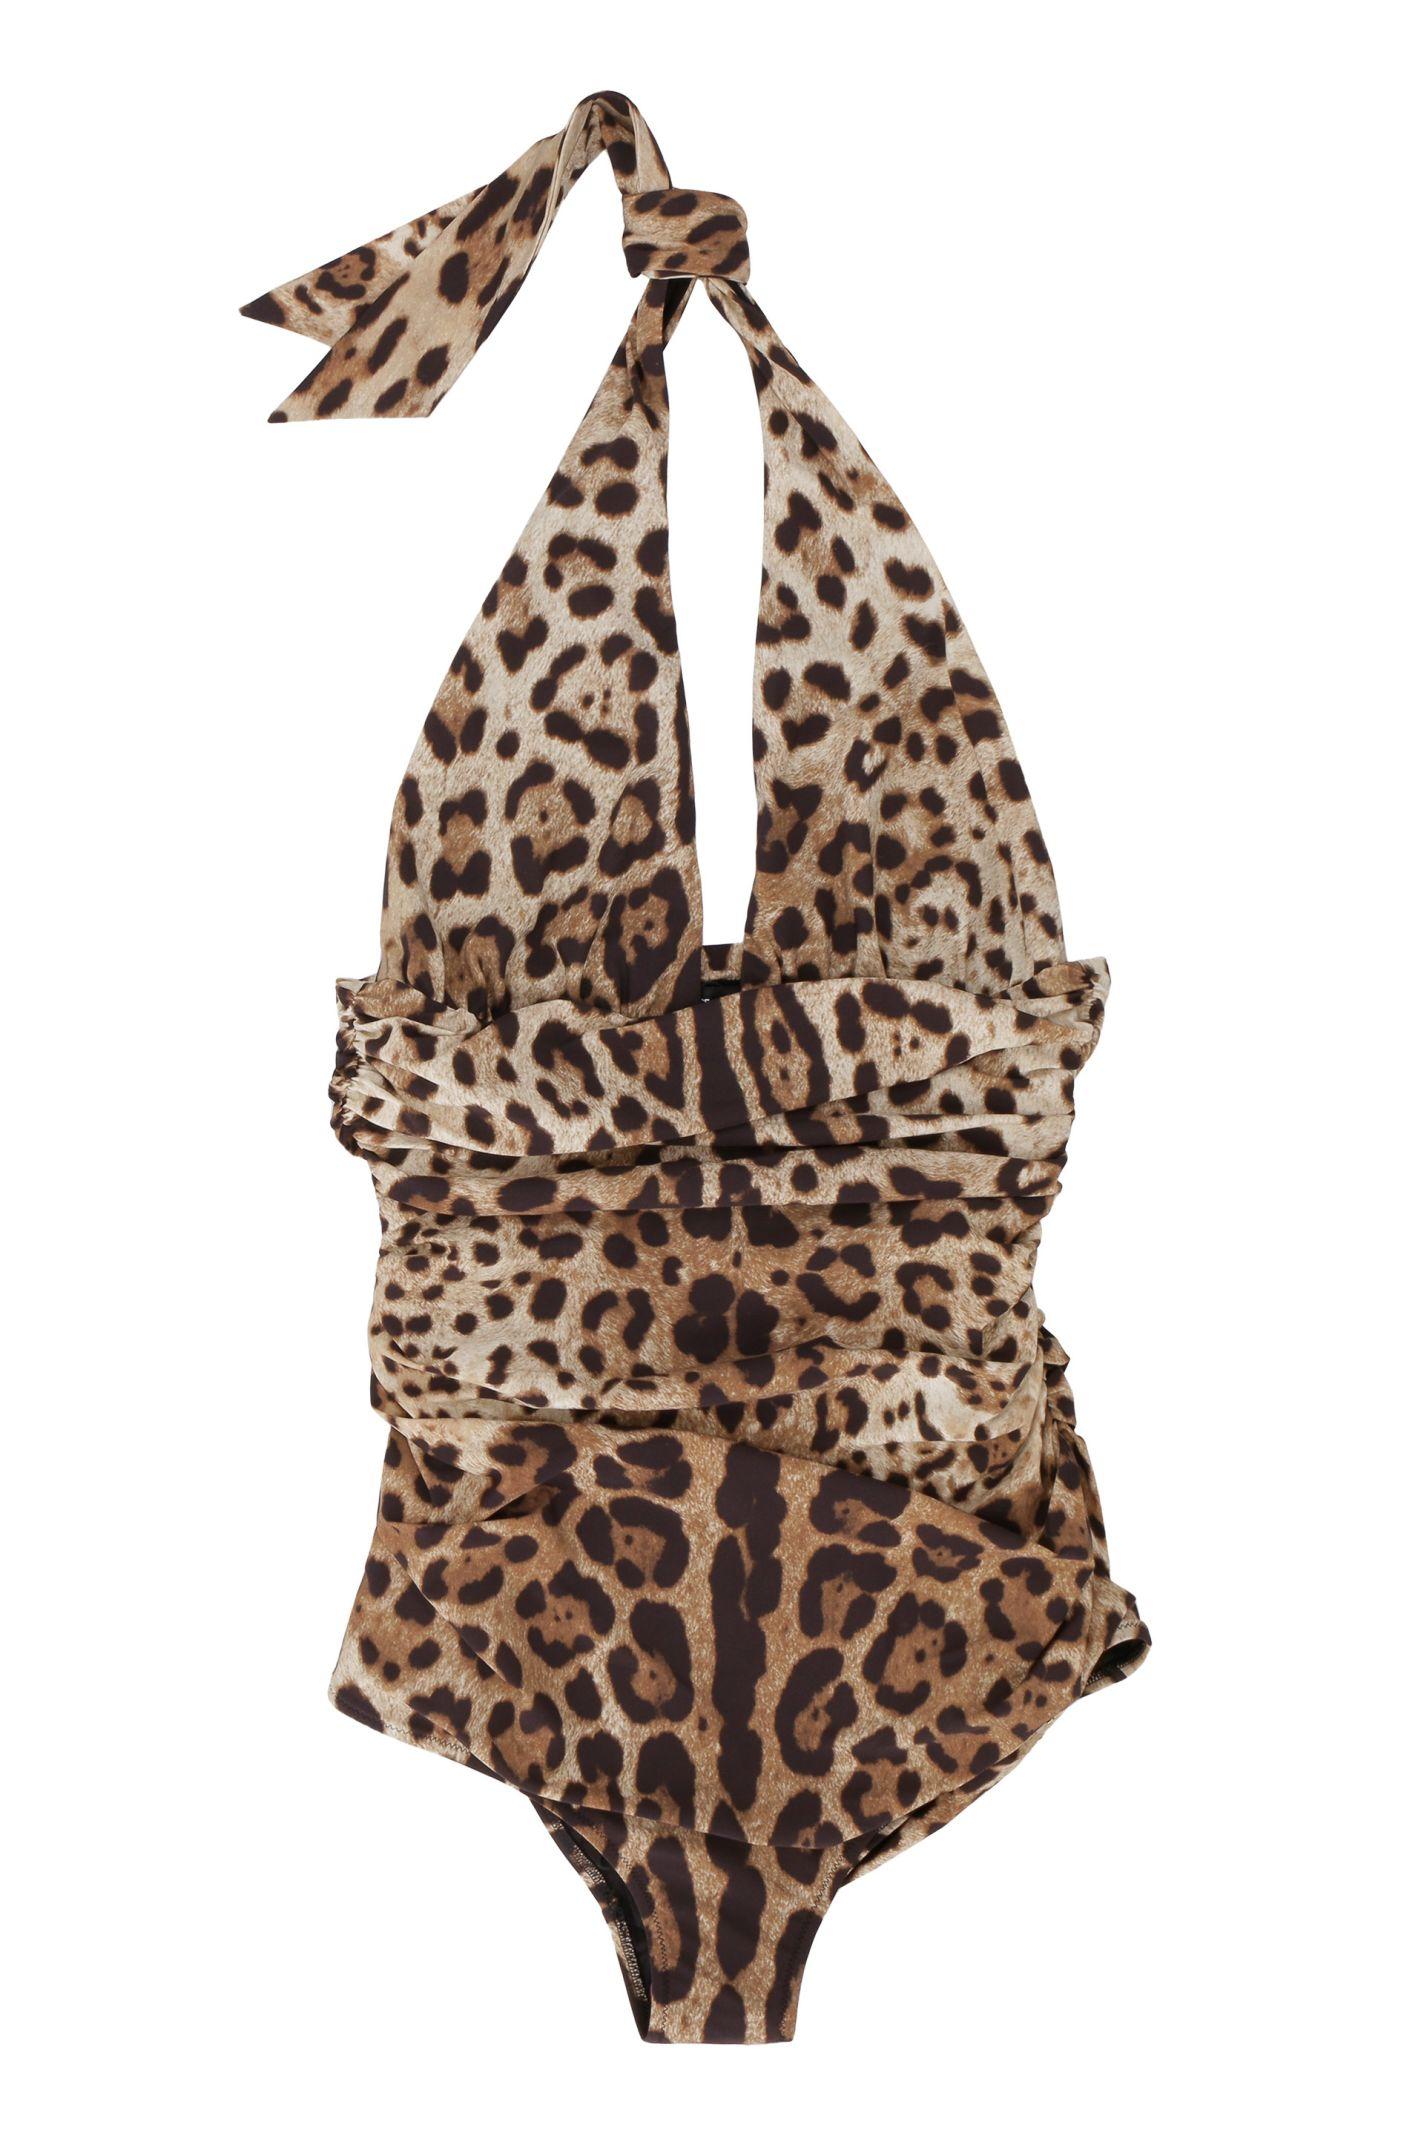 adde57d317a Dolce & Gabbana Dolce & Gabbana Leopard Print One-piece Swimsuit ...